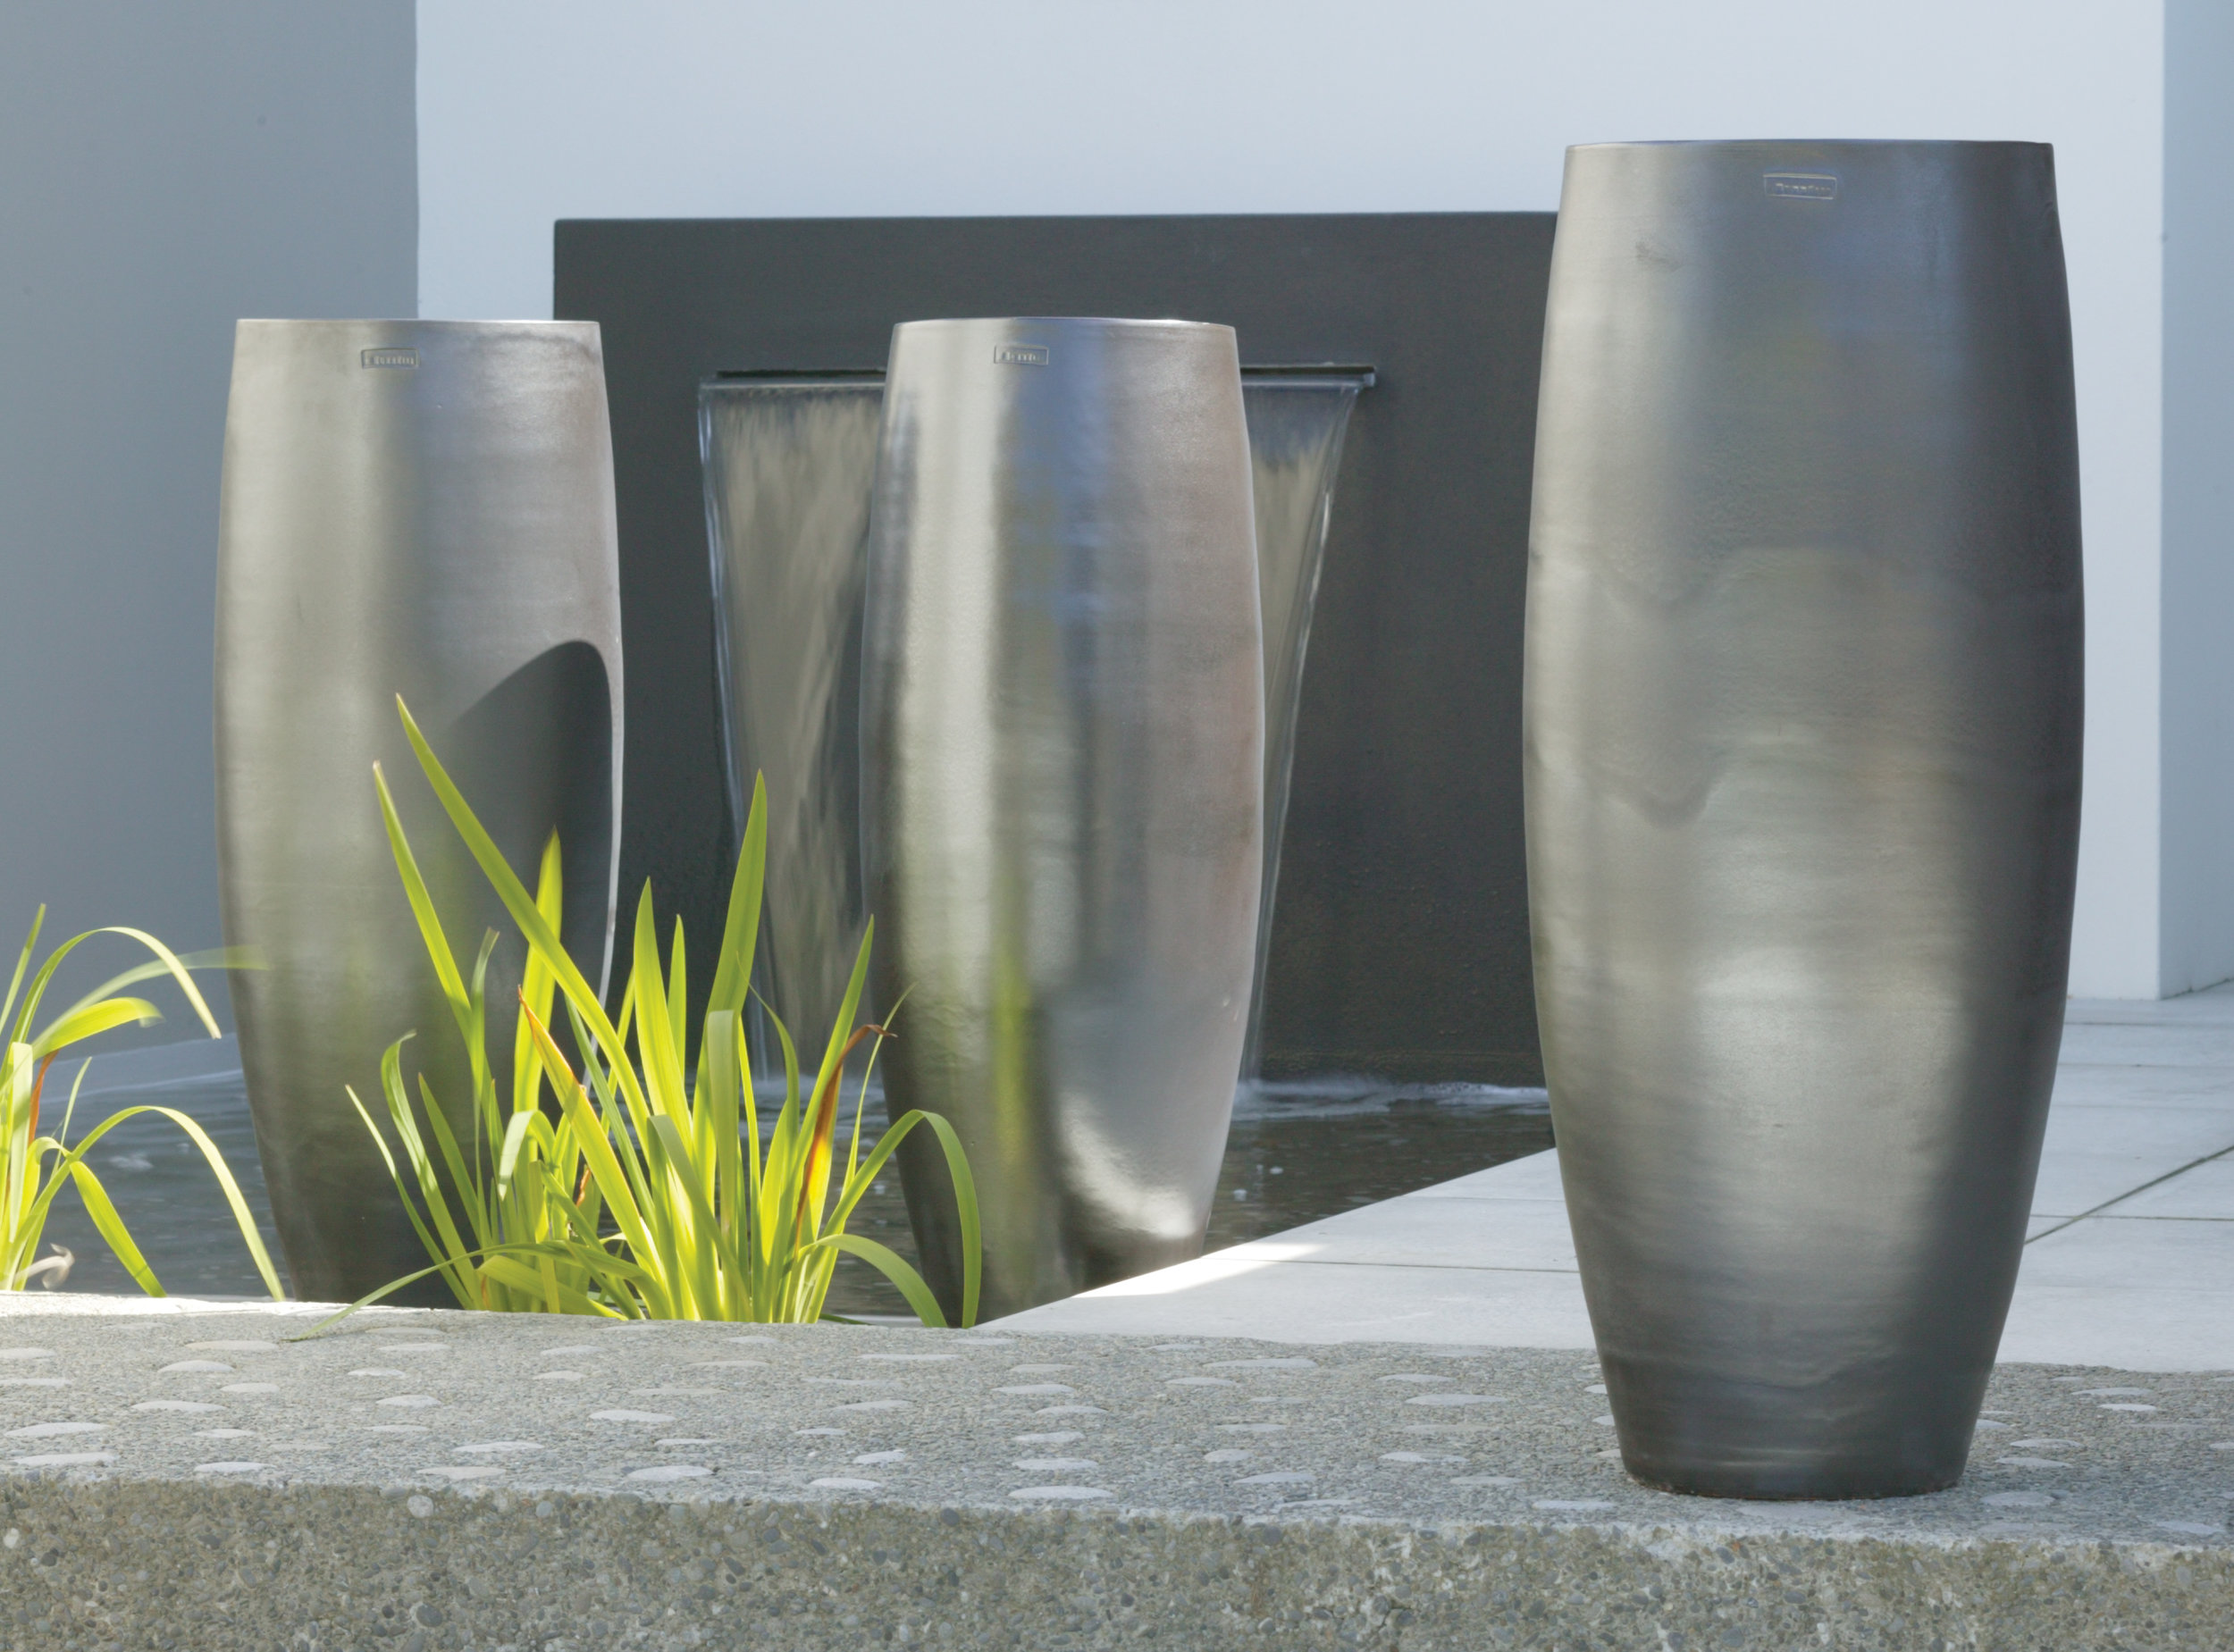 3-pots_2.jpg